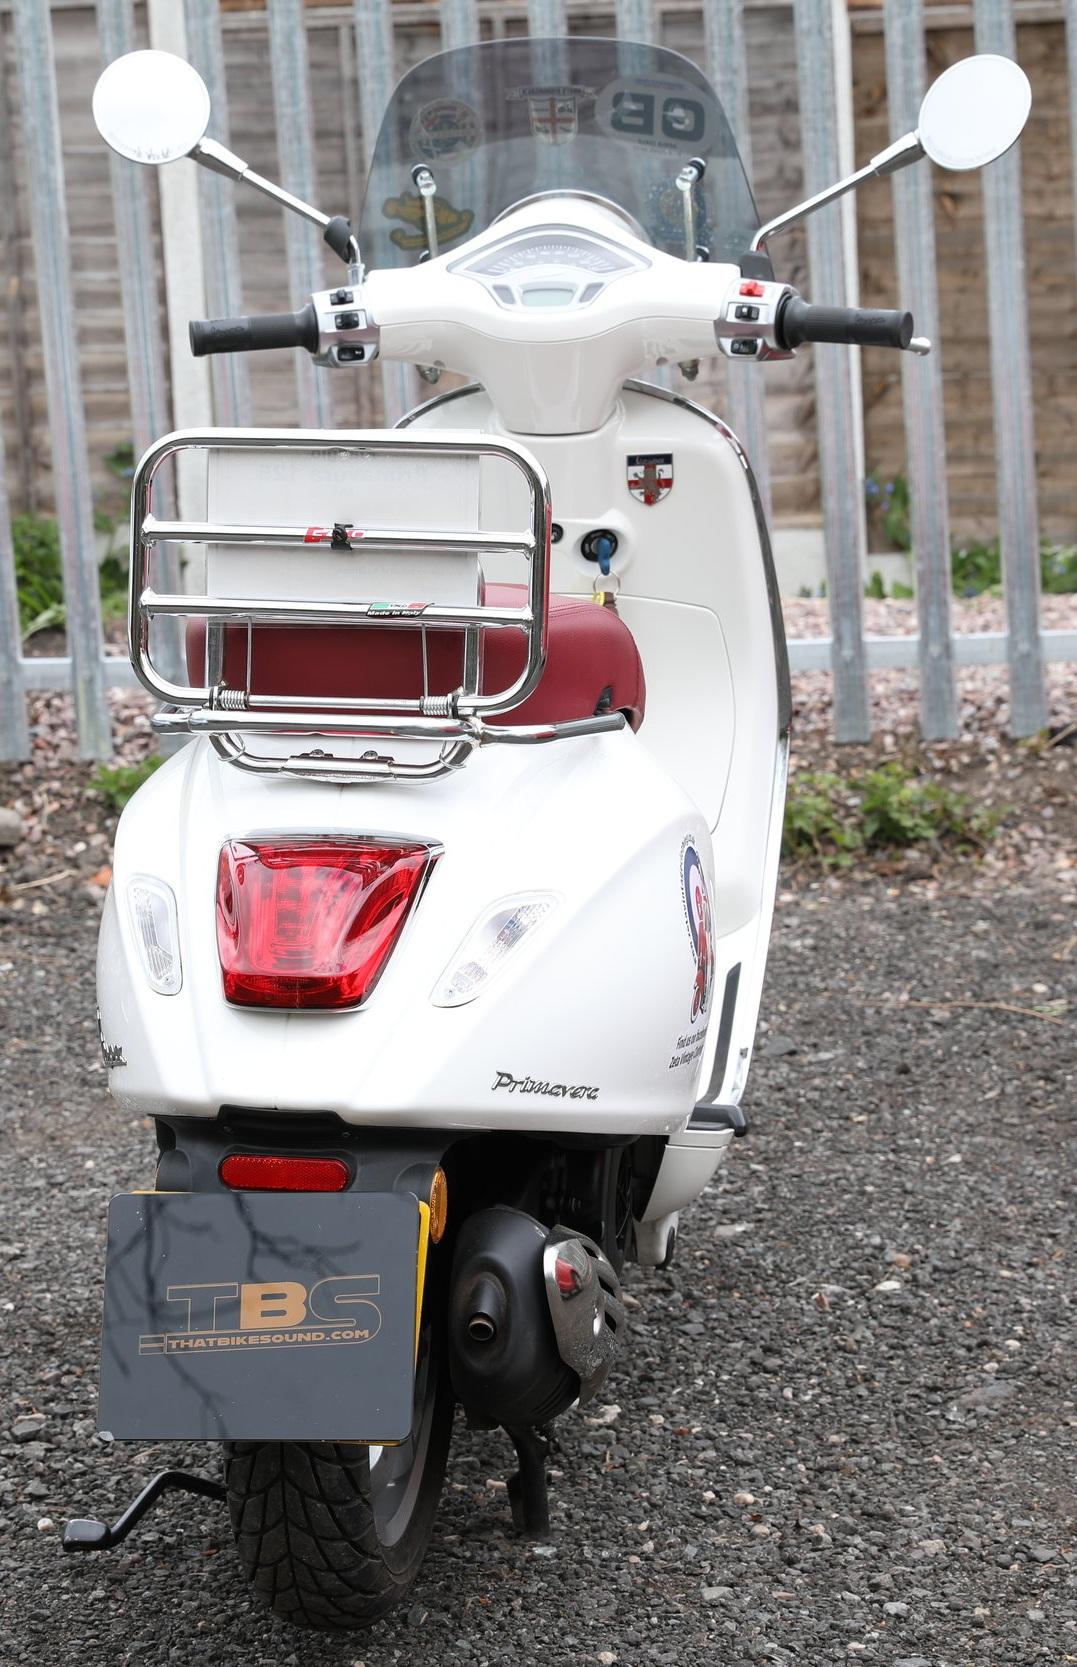 PIAGGIO VESPA PRIMAVERA 125cc (2016-ON)